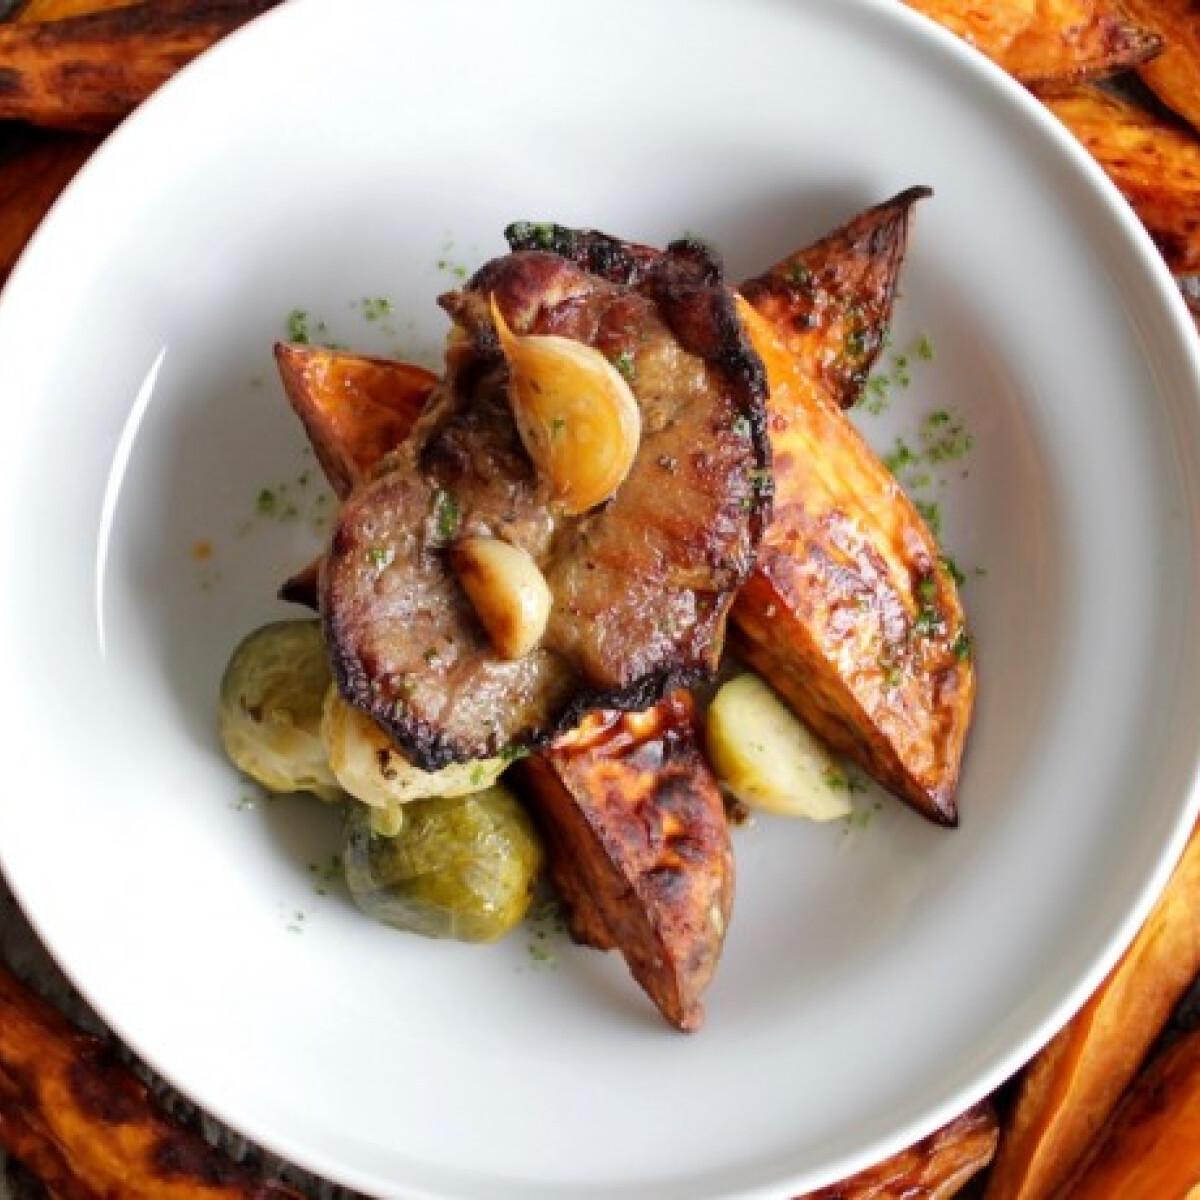 Ezen a képen: Roston sült tarja párolt kelbimbóval és édes steakburgonyával